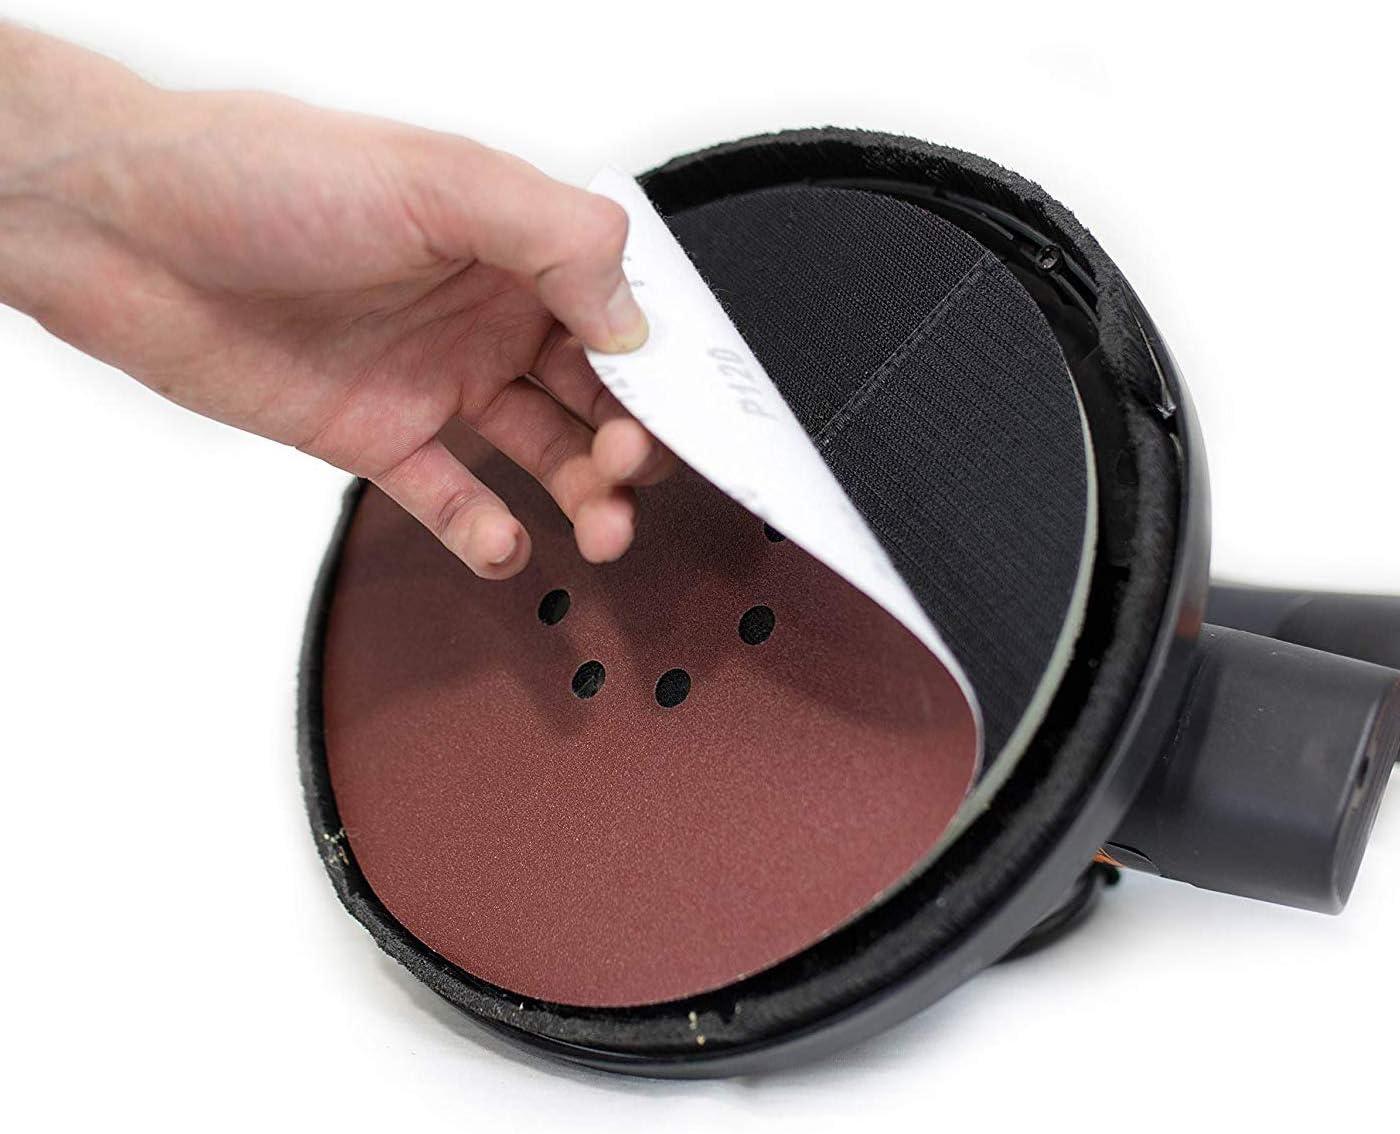 50 Pieces GOH DODD 9 Inch 6 Holes 40-400 Grits Grinding Hook /& Loop Abrasive Sander Sheets for Drywall Sander Sanding Disc